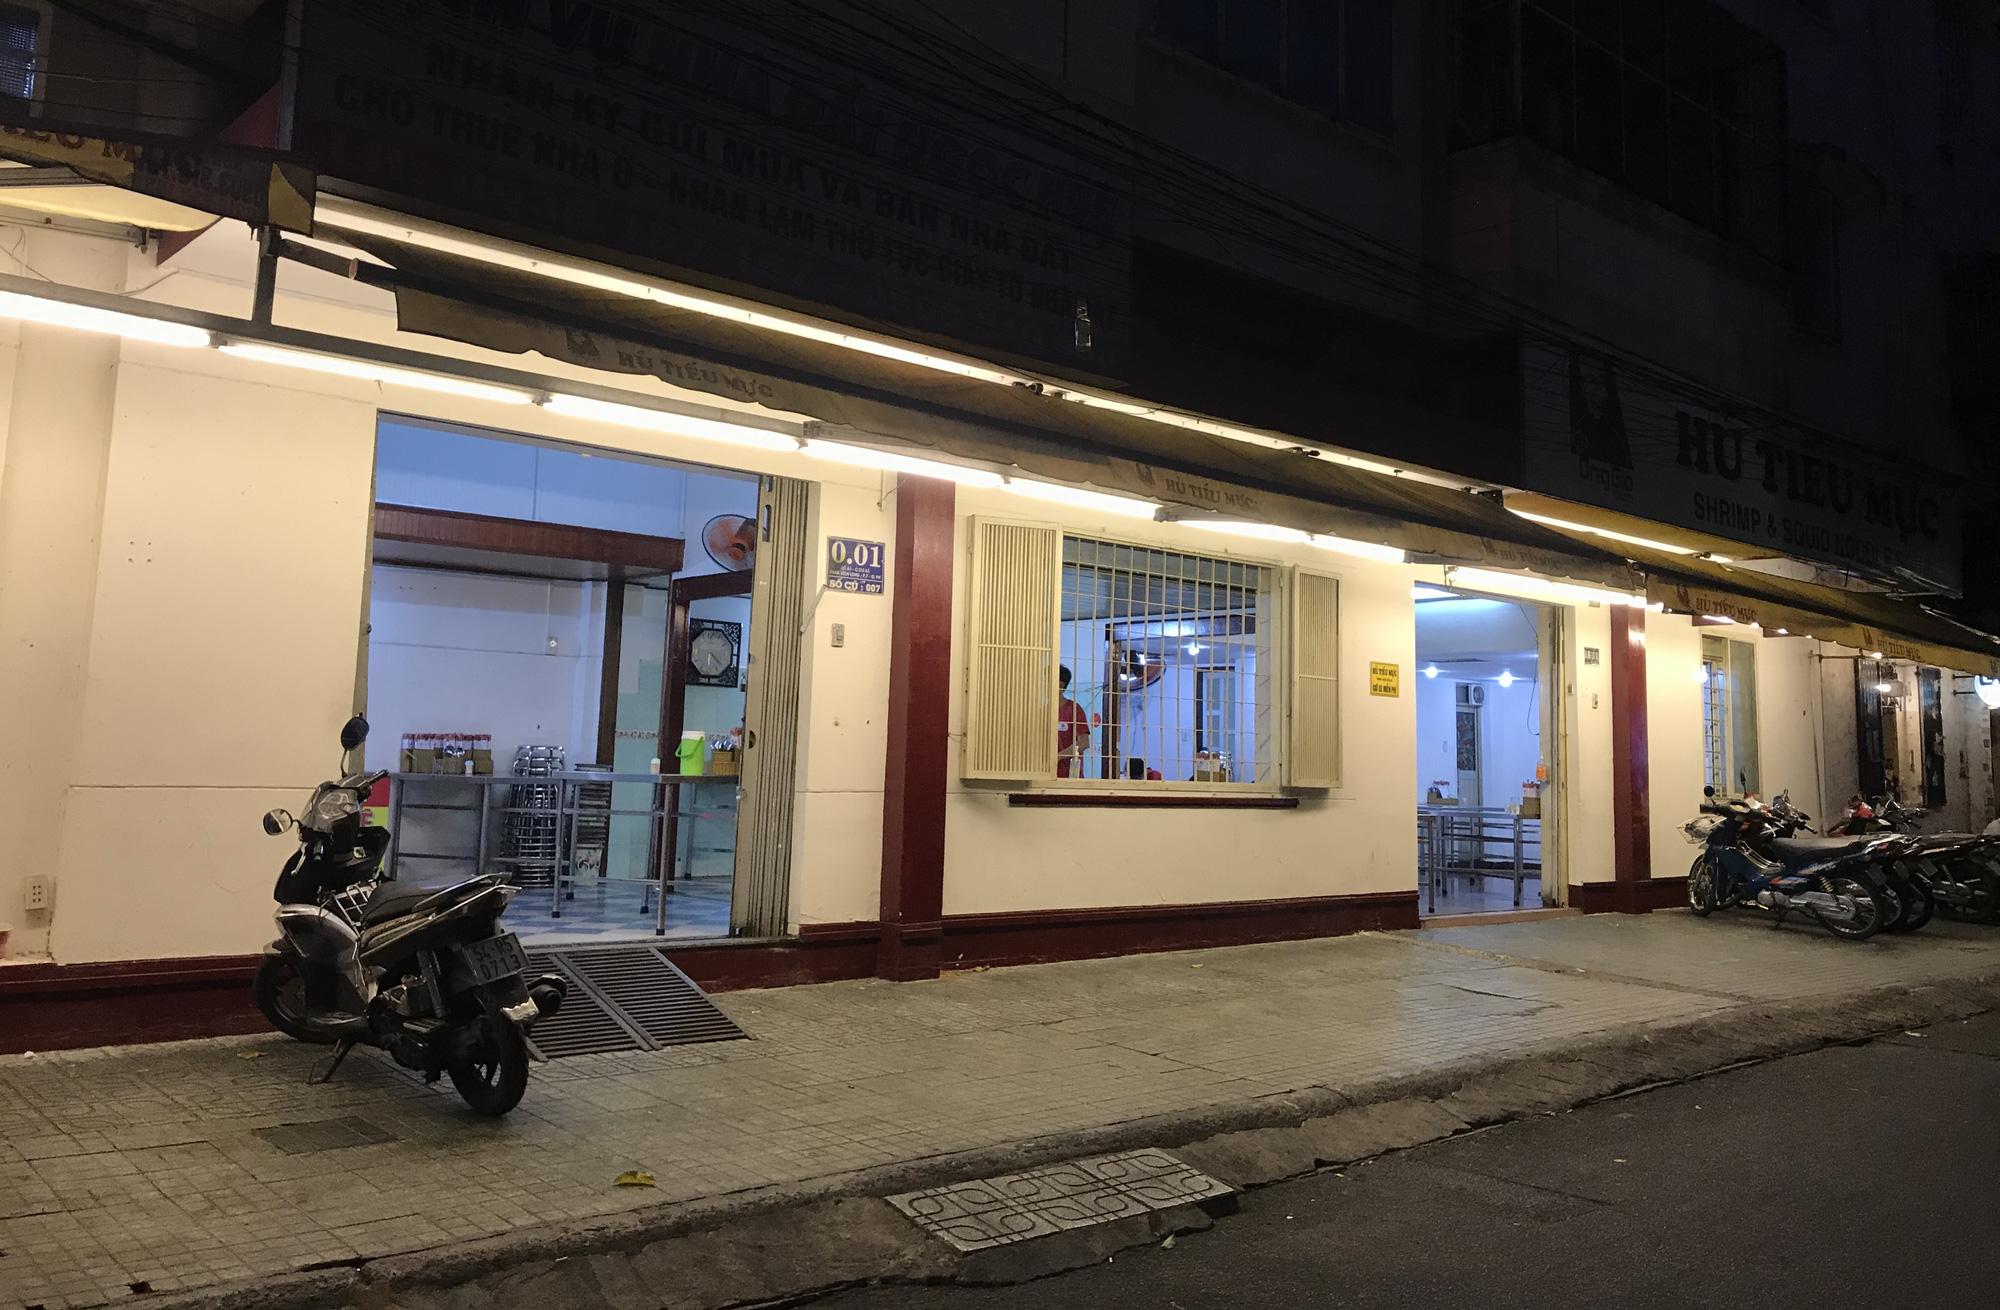 Nhà hàng, quán ăn Sài Gòn vội vàng đóng cửa phòng Covid-19 sau quyết định của UBND TP - Ảnh 1.